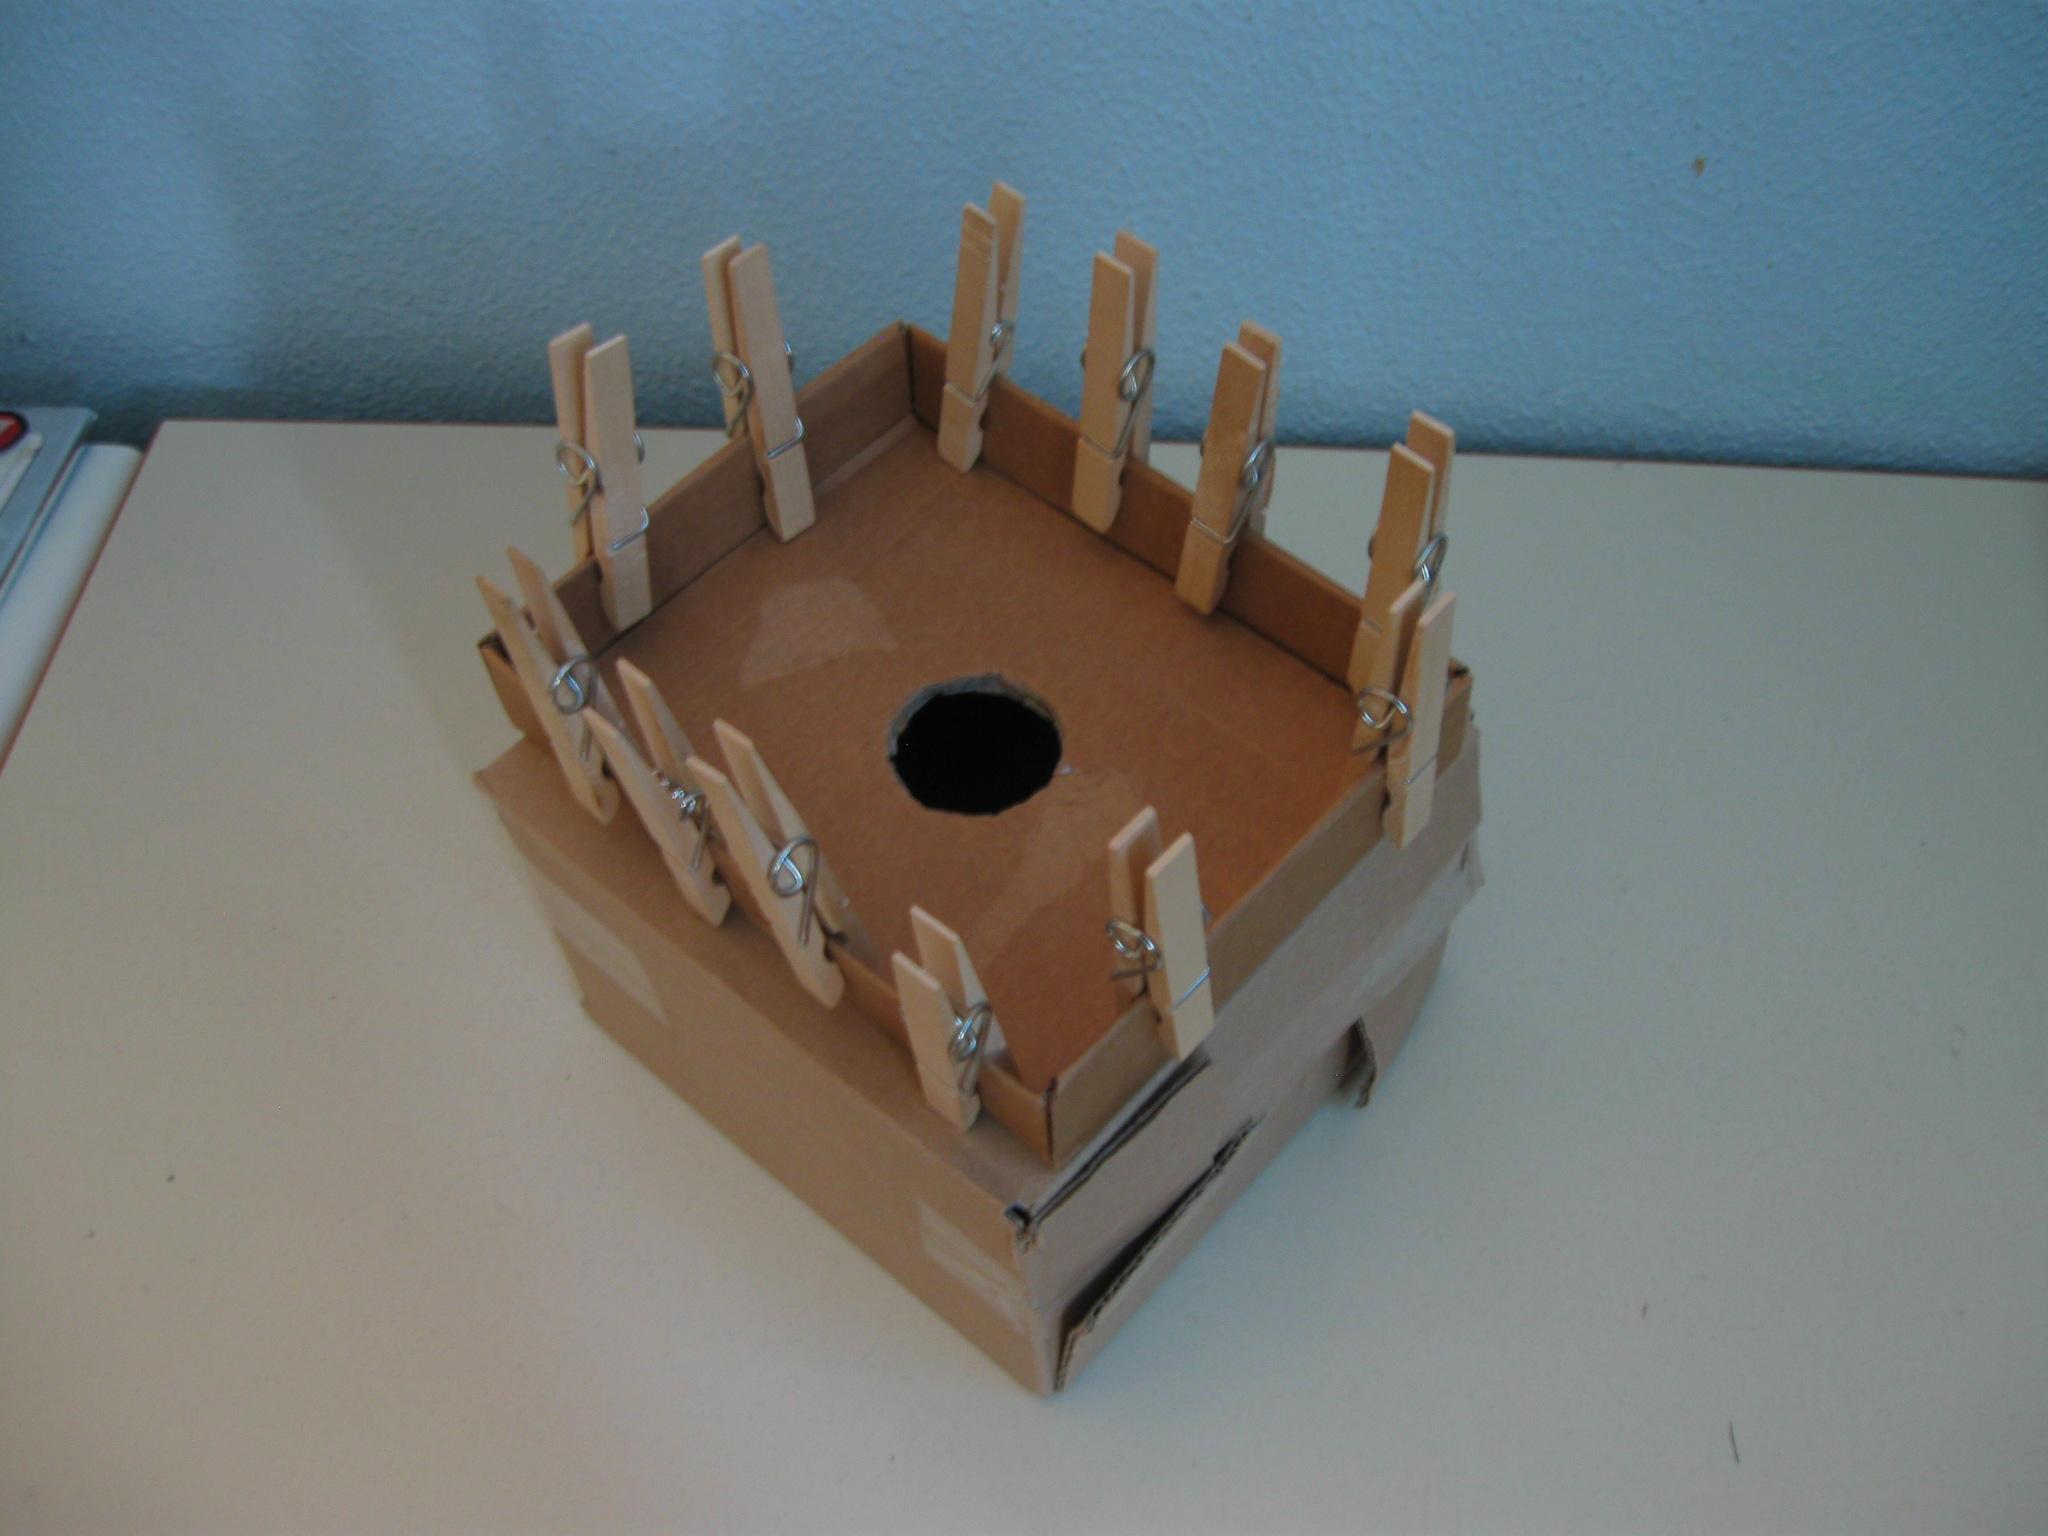 Una scatola quadrata con appese dodici mollette e al centro un foro.